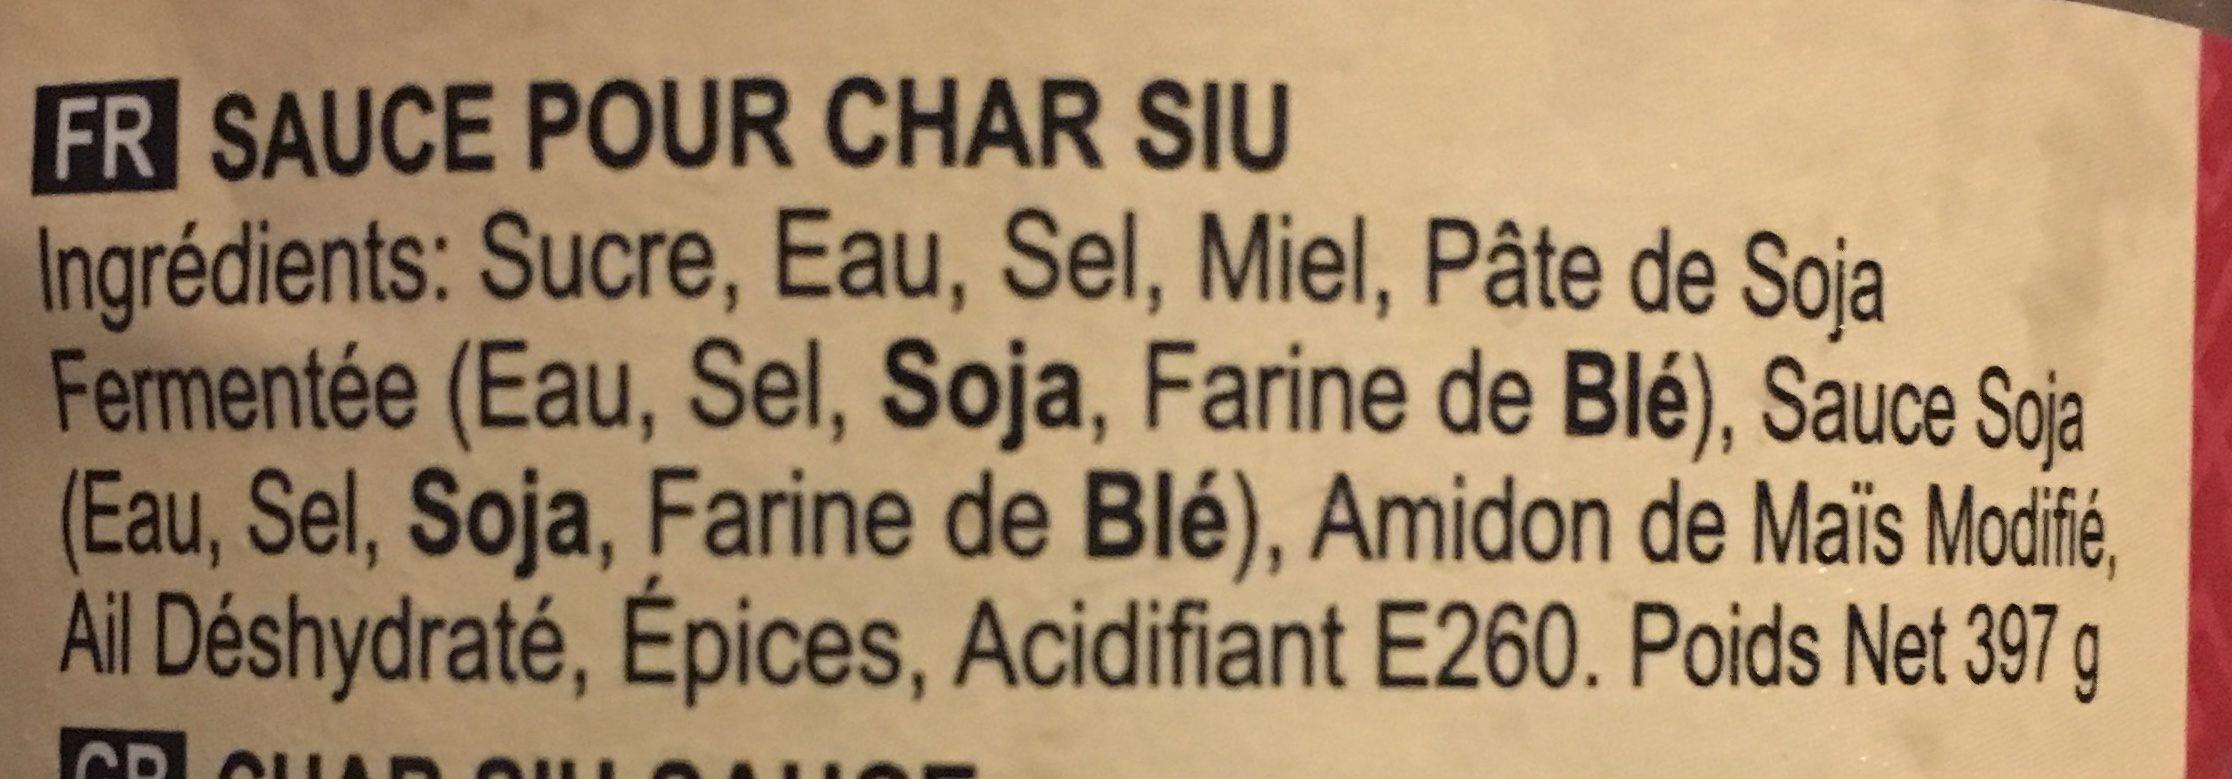 Sauce Char Siu - Ingredients